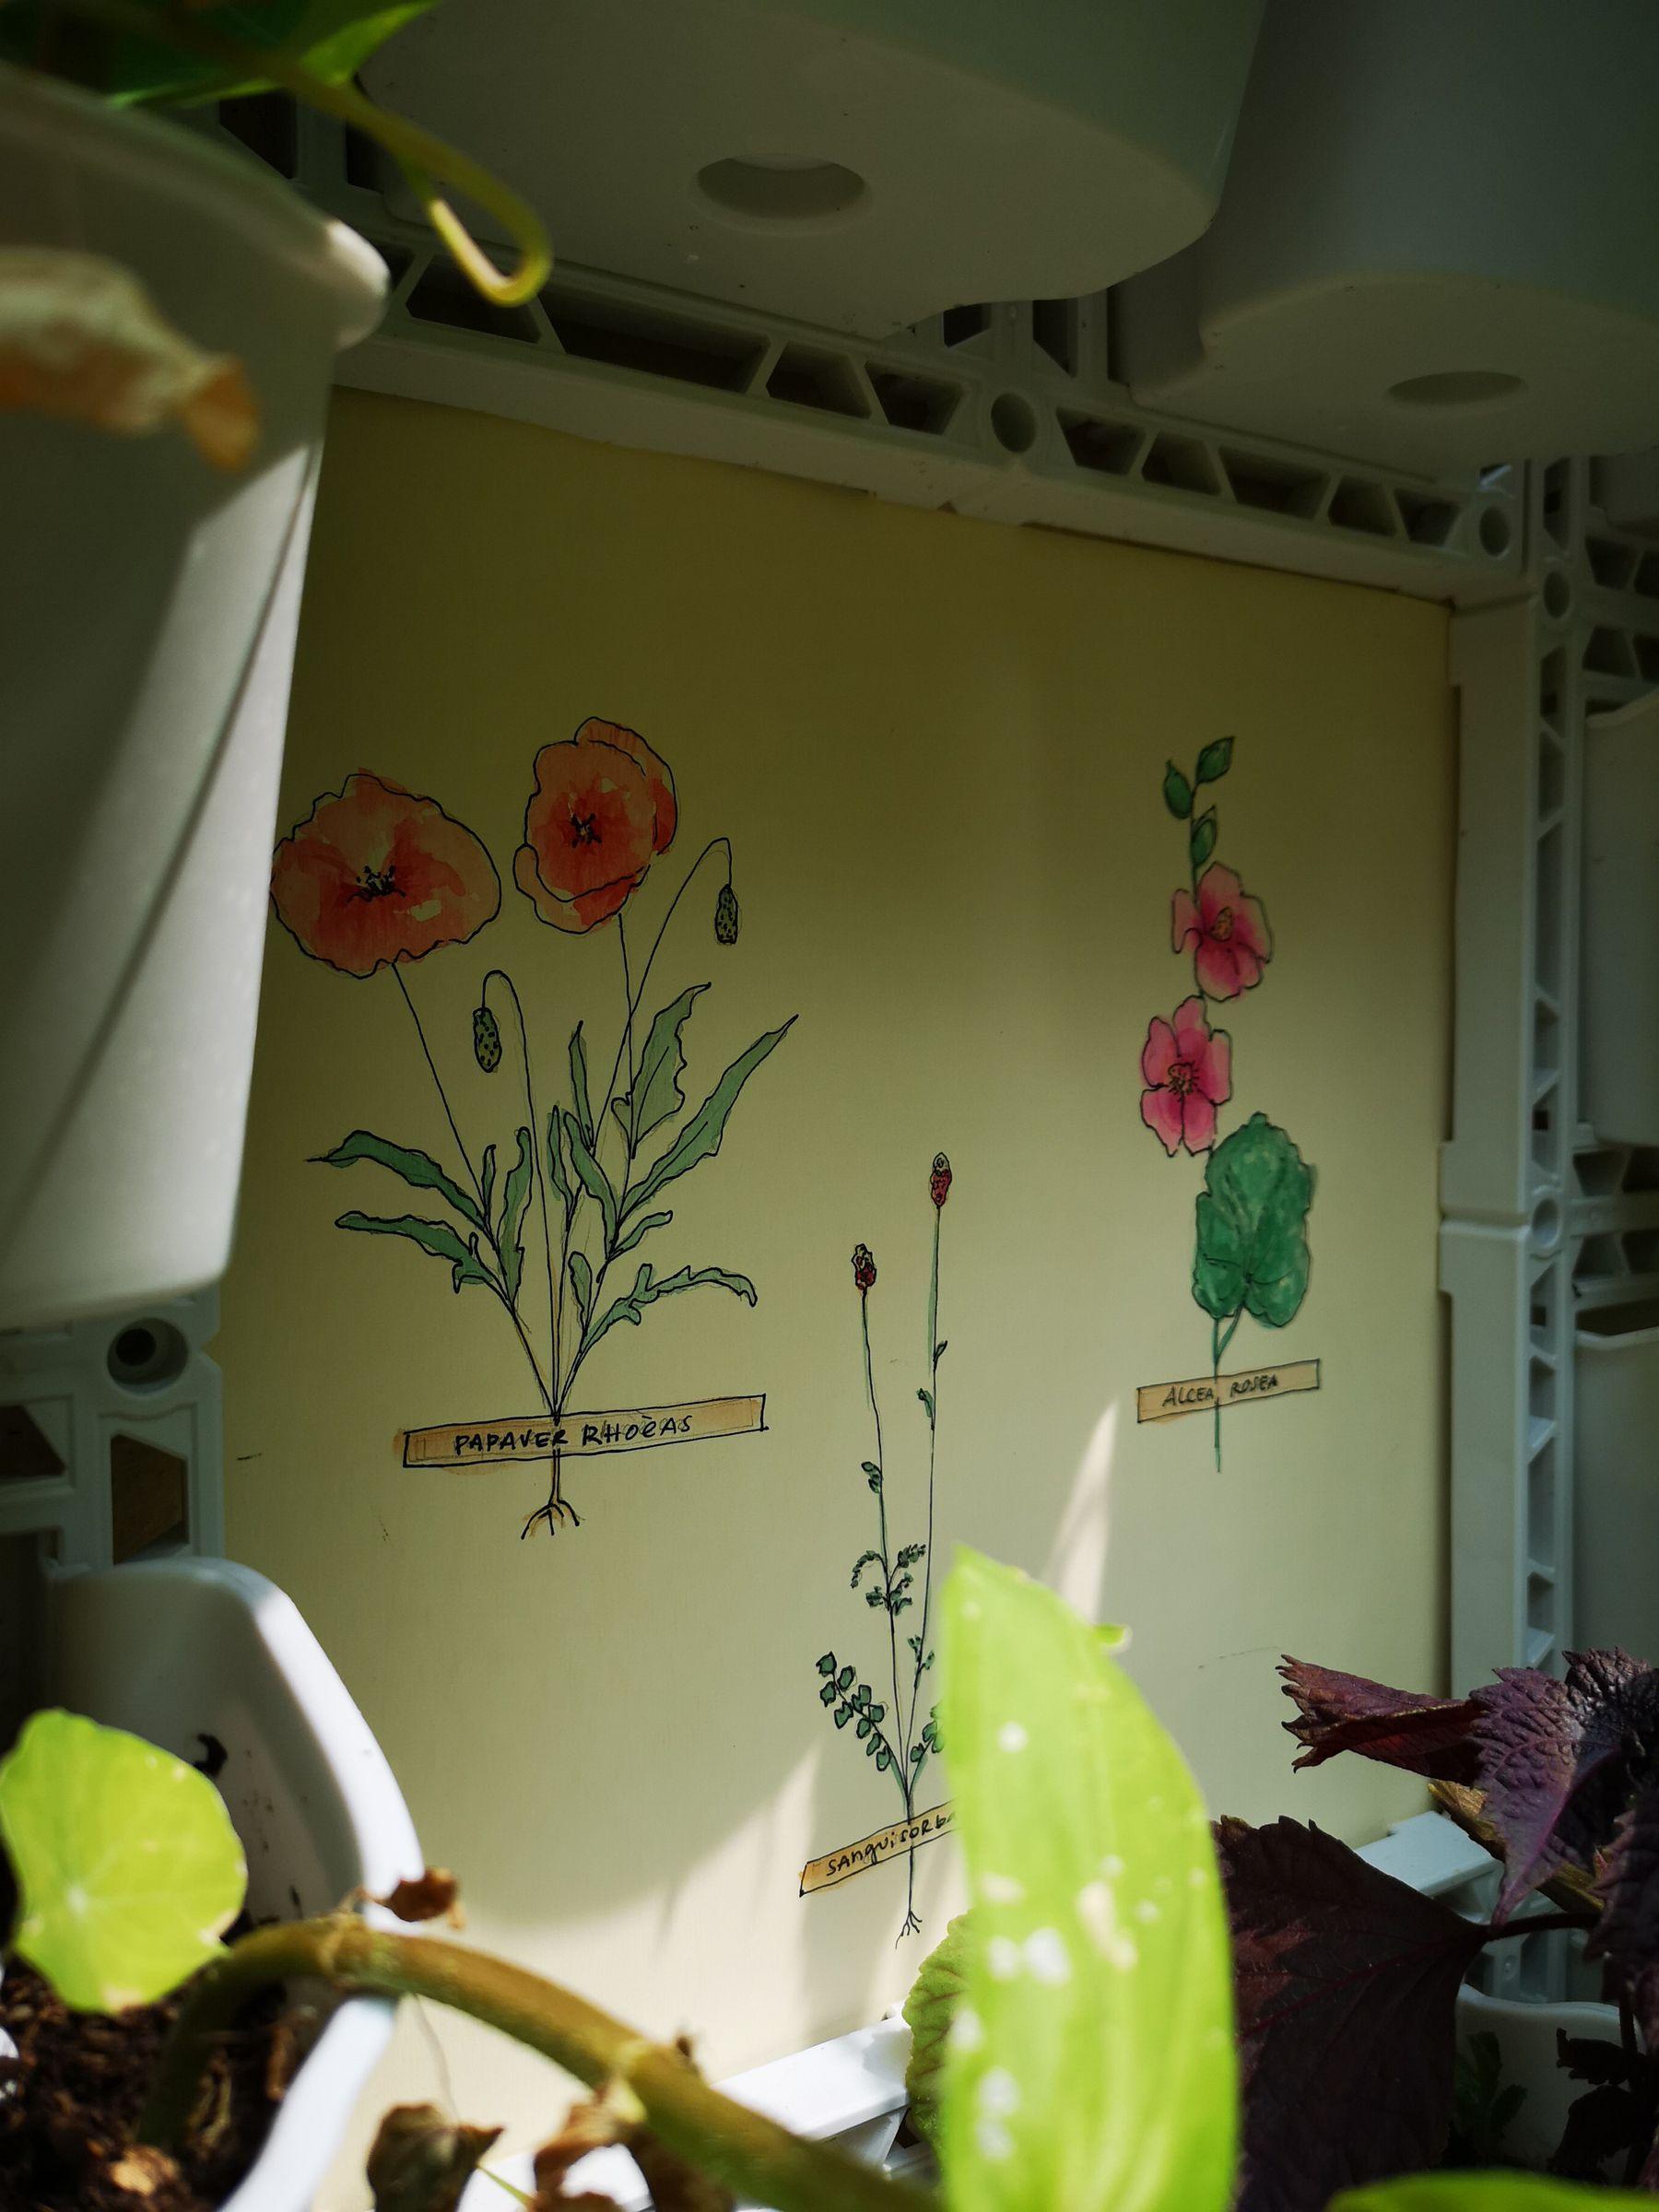 Blossom zine vertical garden Verdemax erbario